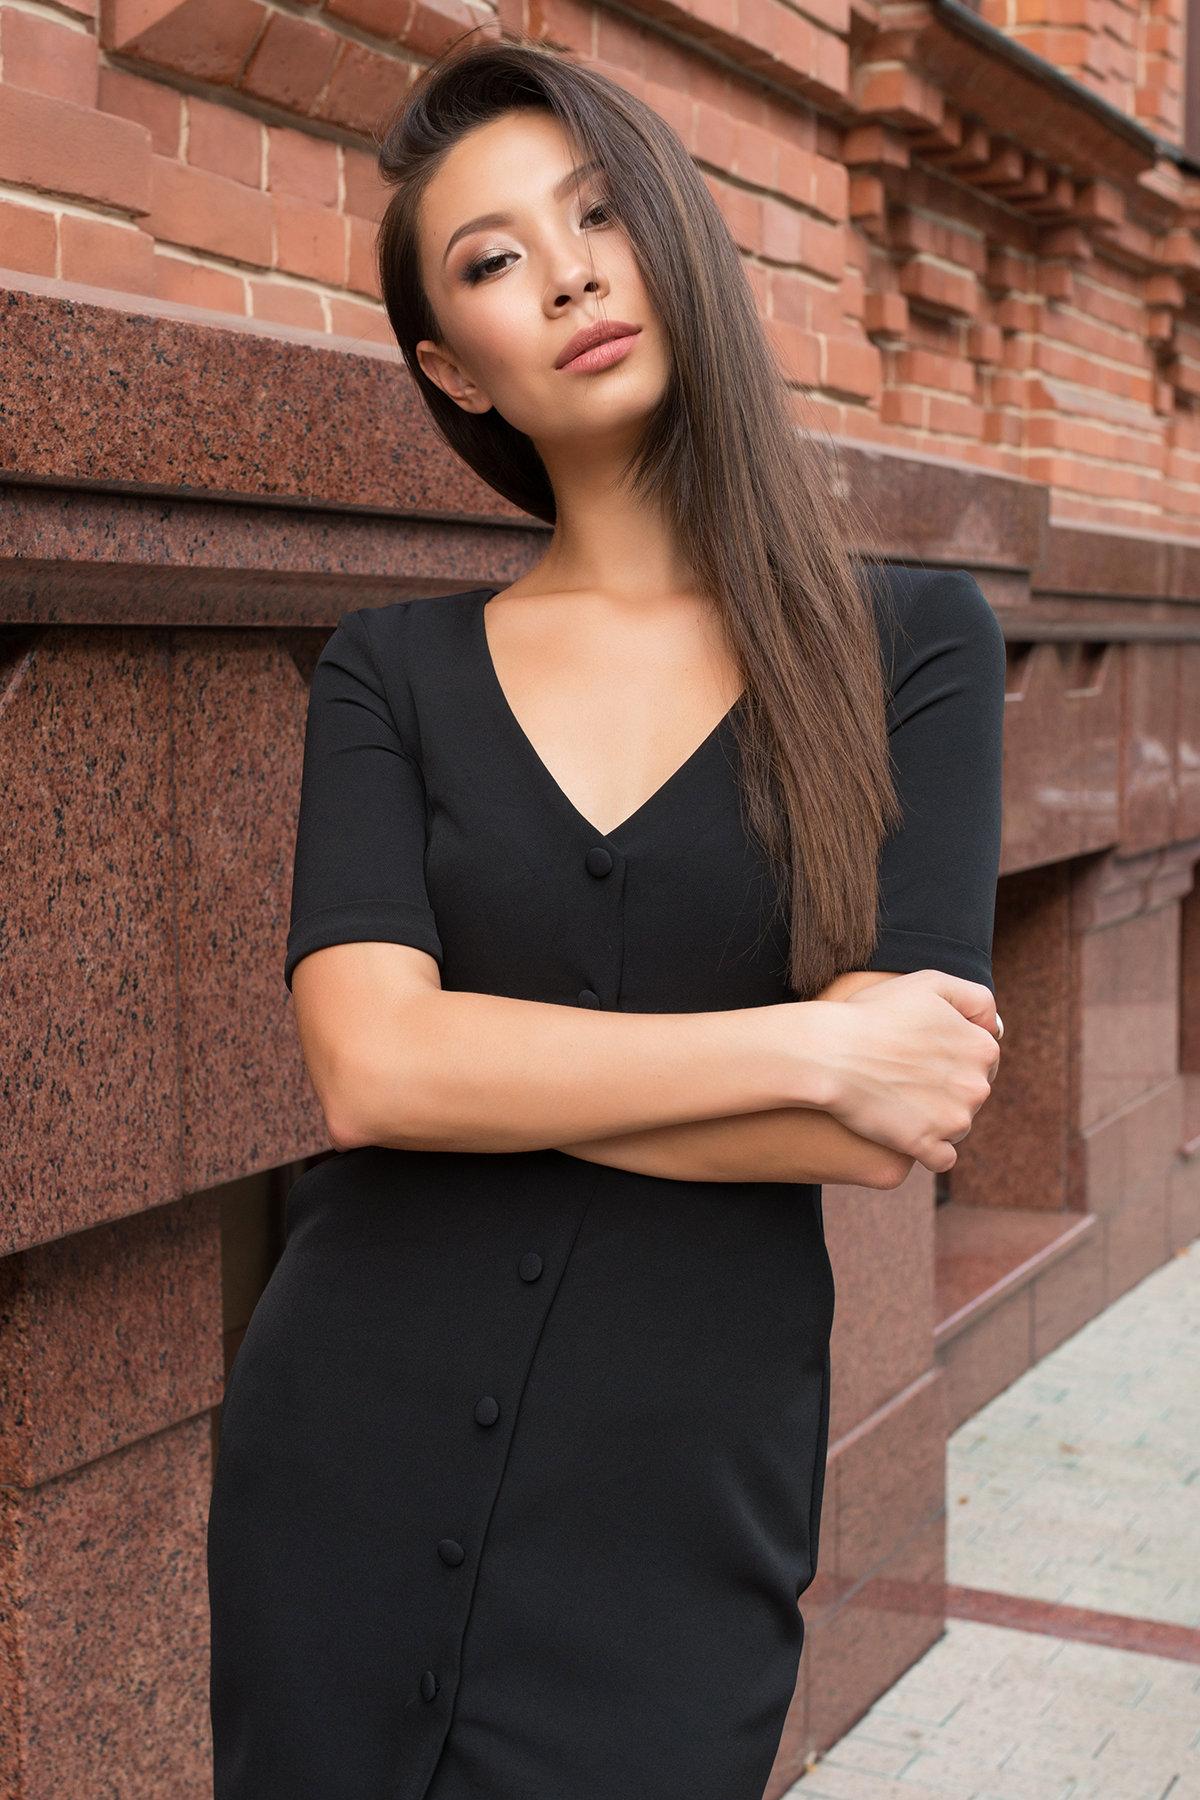 Деловое платье миди Тетрис 7917 АРТ. 43849 Цвет: Черный - фото 3, интернет магазин tm-modus.ru